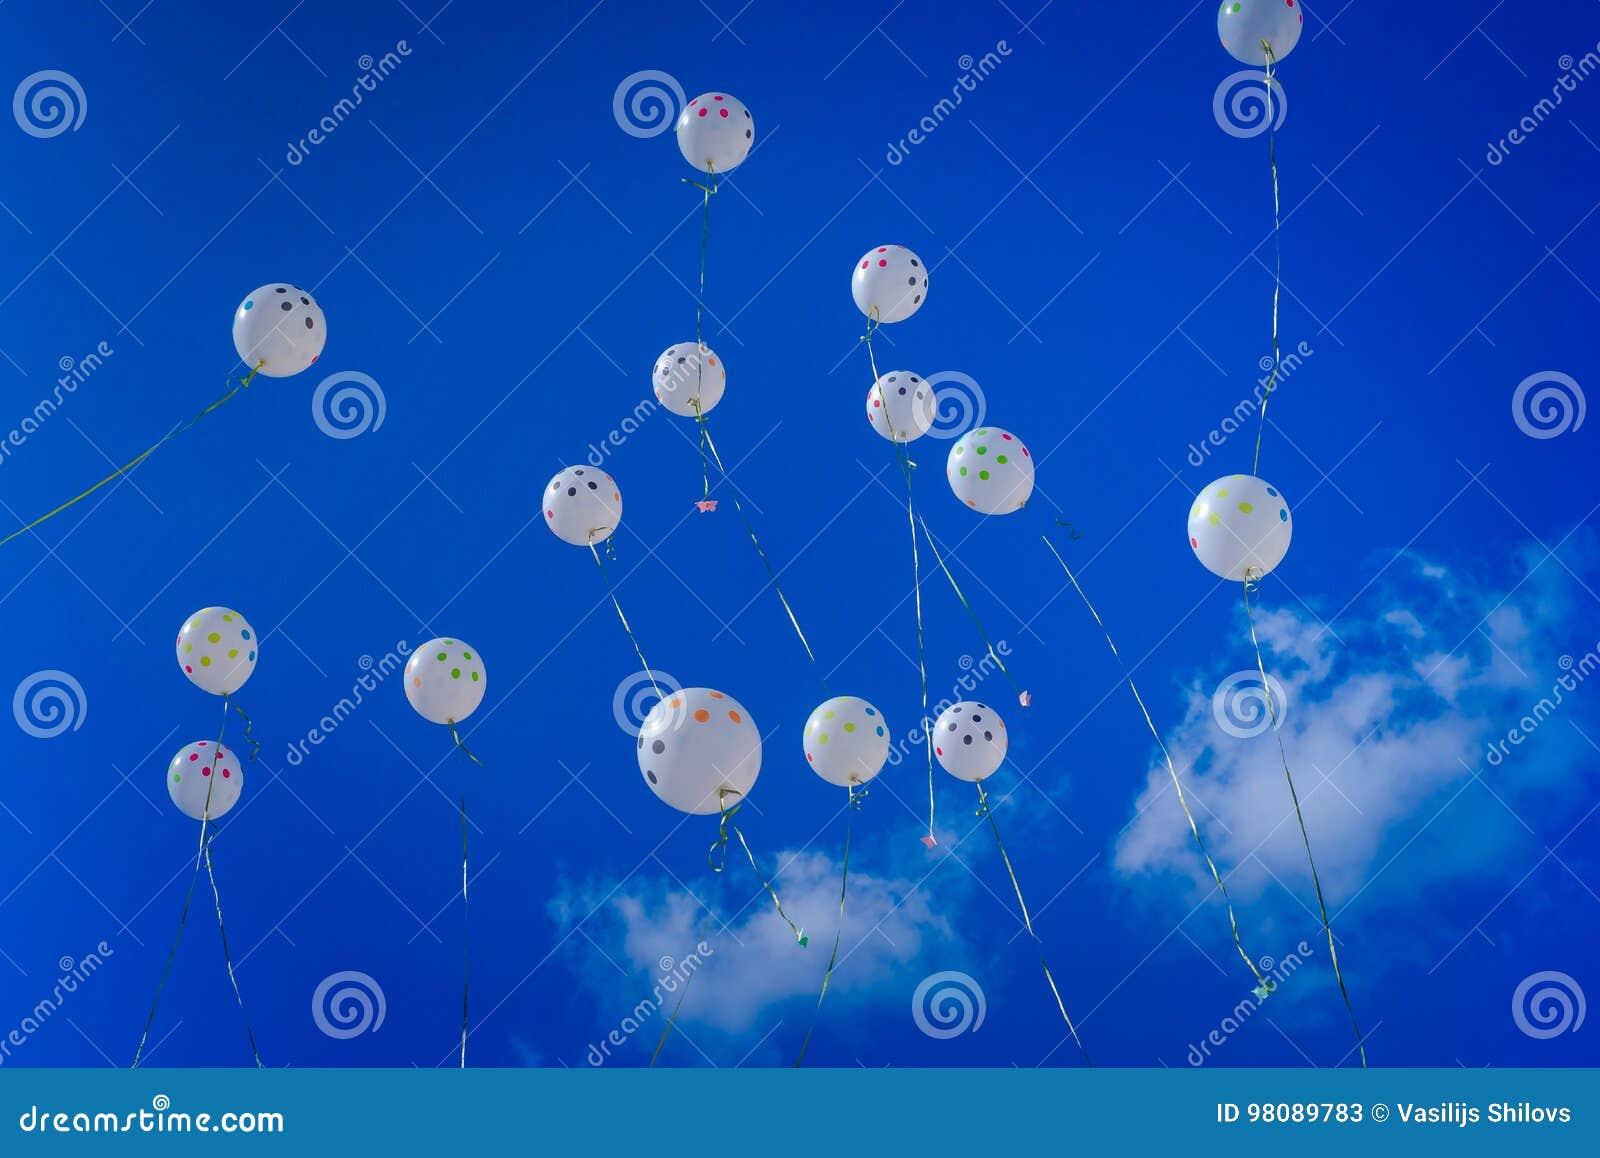 Άσπρα μπαλόνια στο μπλε ουρανό